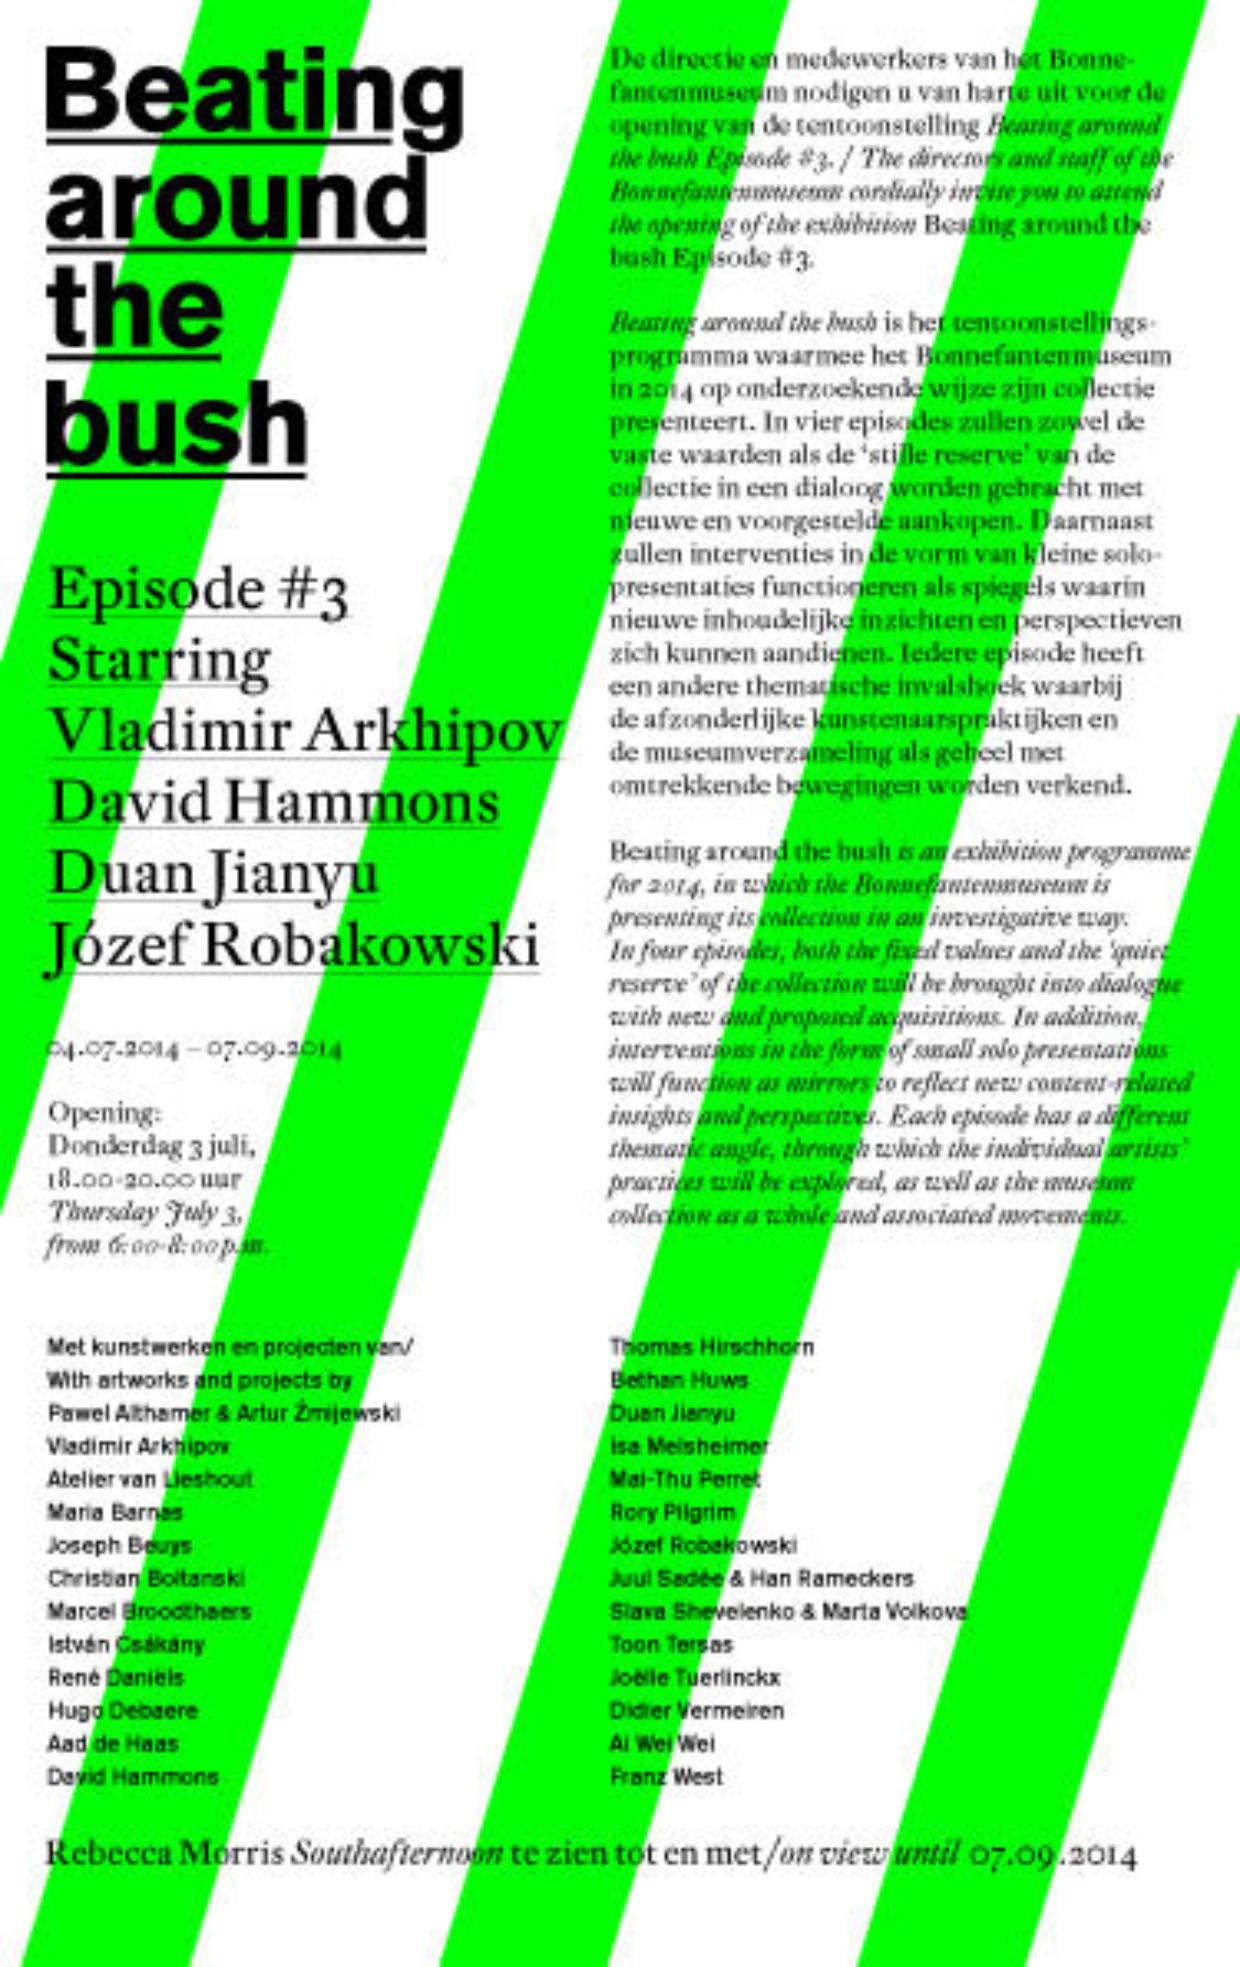 Uitnodiging Beating around the Bush #3